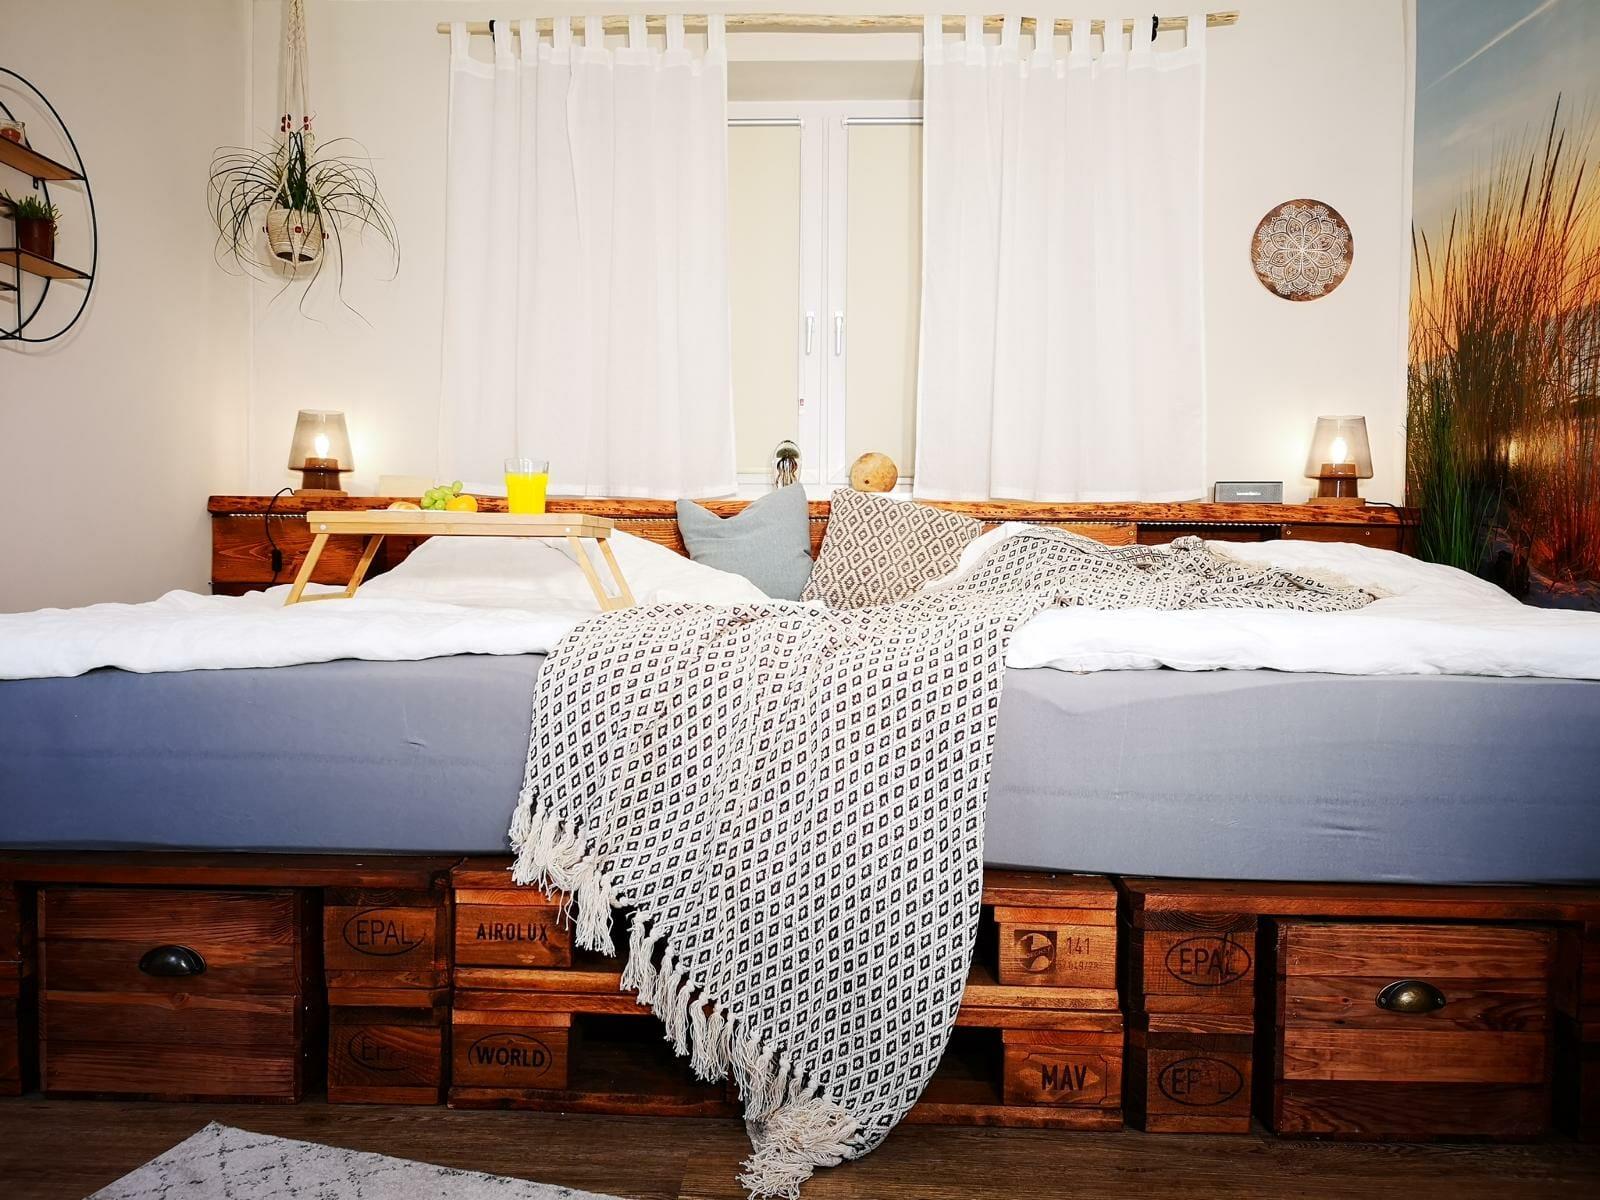 Full Size of Einfaches Bett Selber Bauen Palettenbett Kaufen Europaletten Betten Neue Fenster Einbauen Prinzessinen Stauraum 160x200 160 Amerikanisches Flexa Sitzbank Wohnzimmer Einfaches Bett Selber Bauen